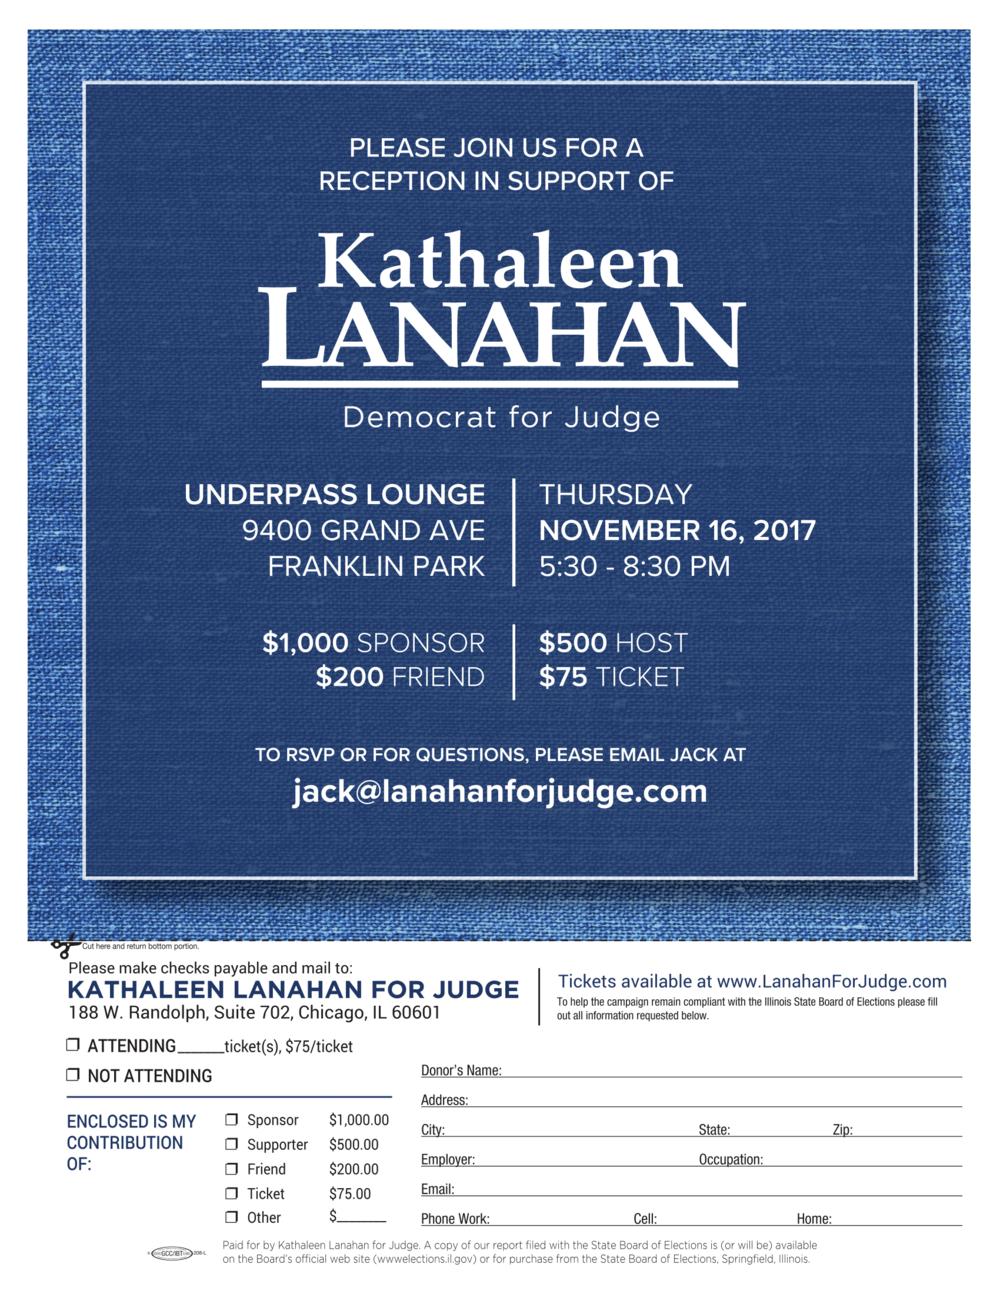 Lanahan-Invitaiton_Nov16th2017-V2-1.png